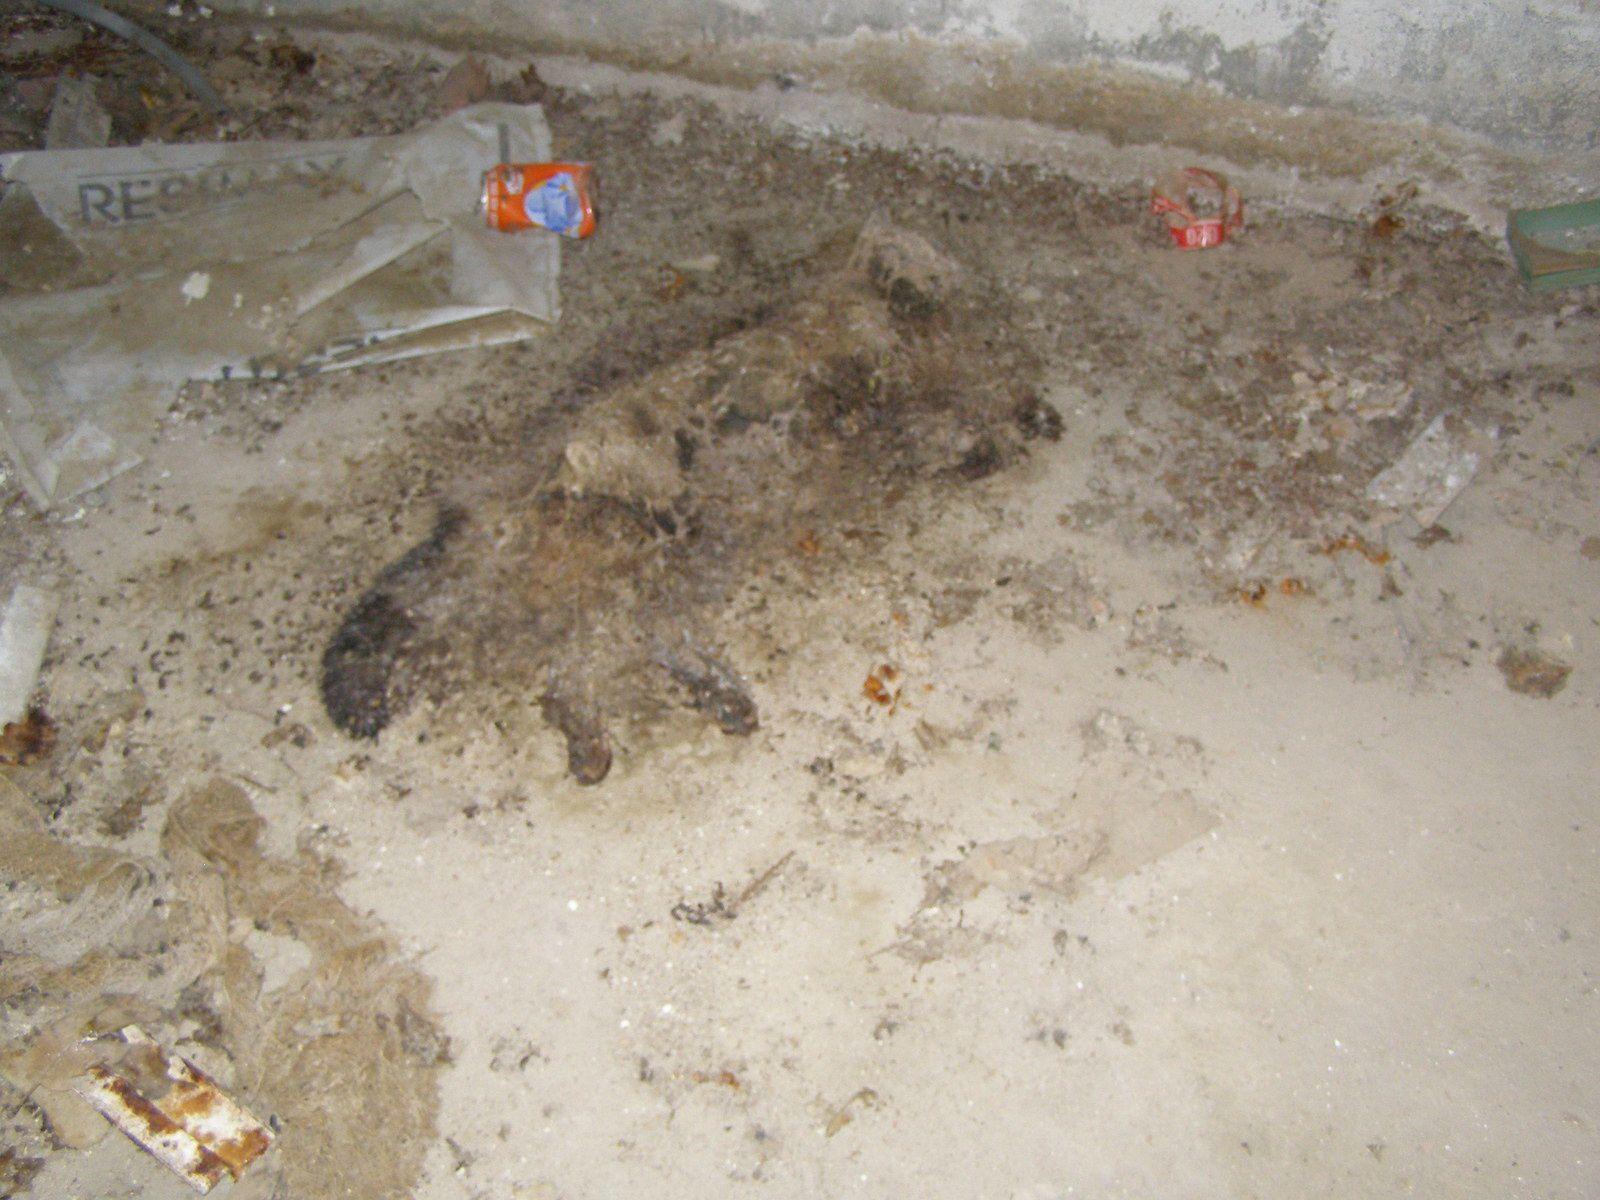 """Novembre 2013 - Je suis venue vérifier que la gamelle """"témoin"""" de croquettes que j'ai déposée dans ce sous-sol est intacte pour m'assurer qu'aucun chat n'y est plus prisonnier. Voici ma découverte dans le faisceau de ma torche... un chat mort au milieu des canettes vides."""